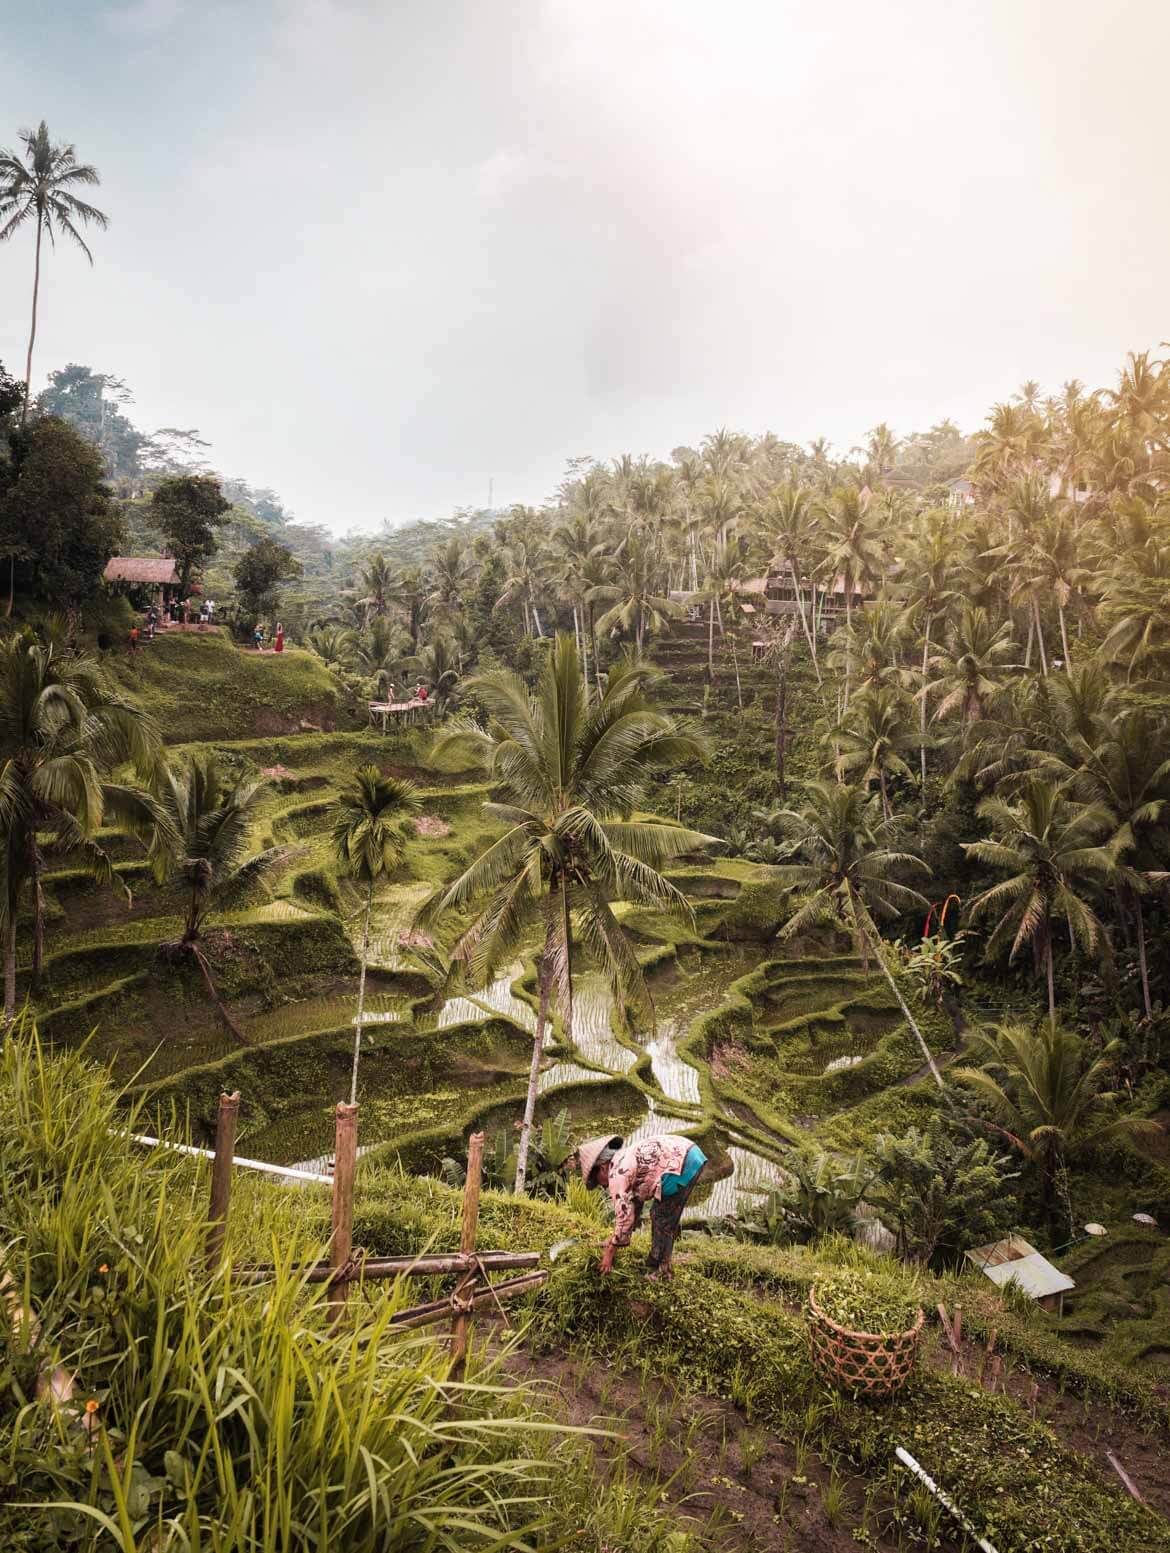 terrazze Tegallalang